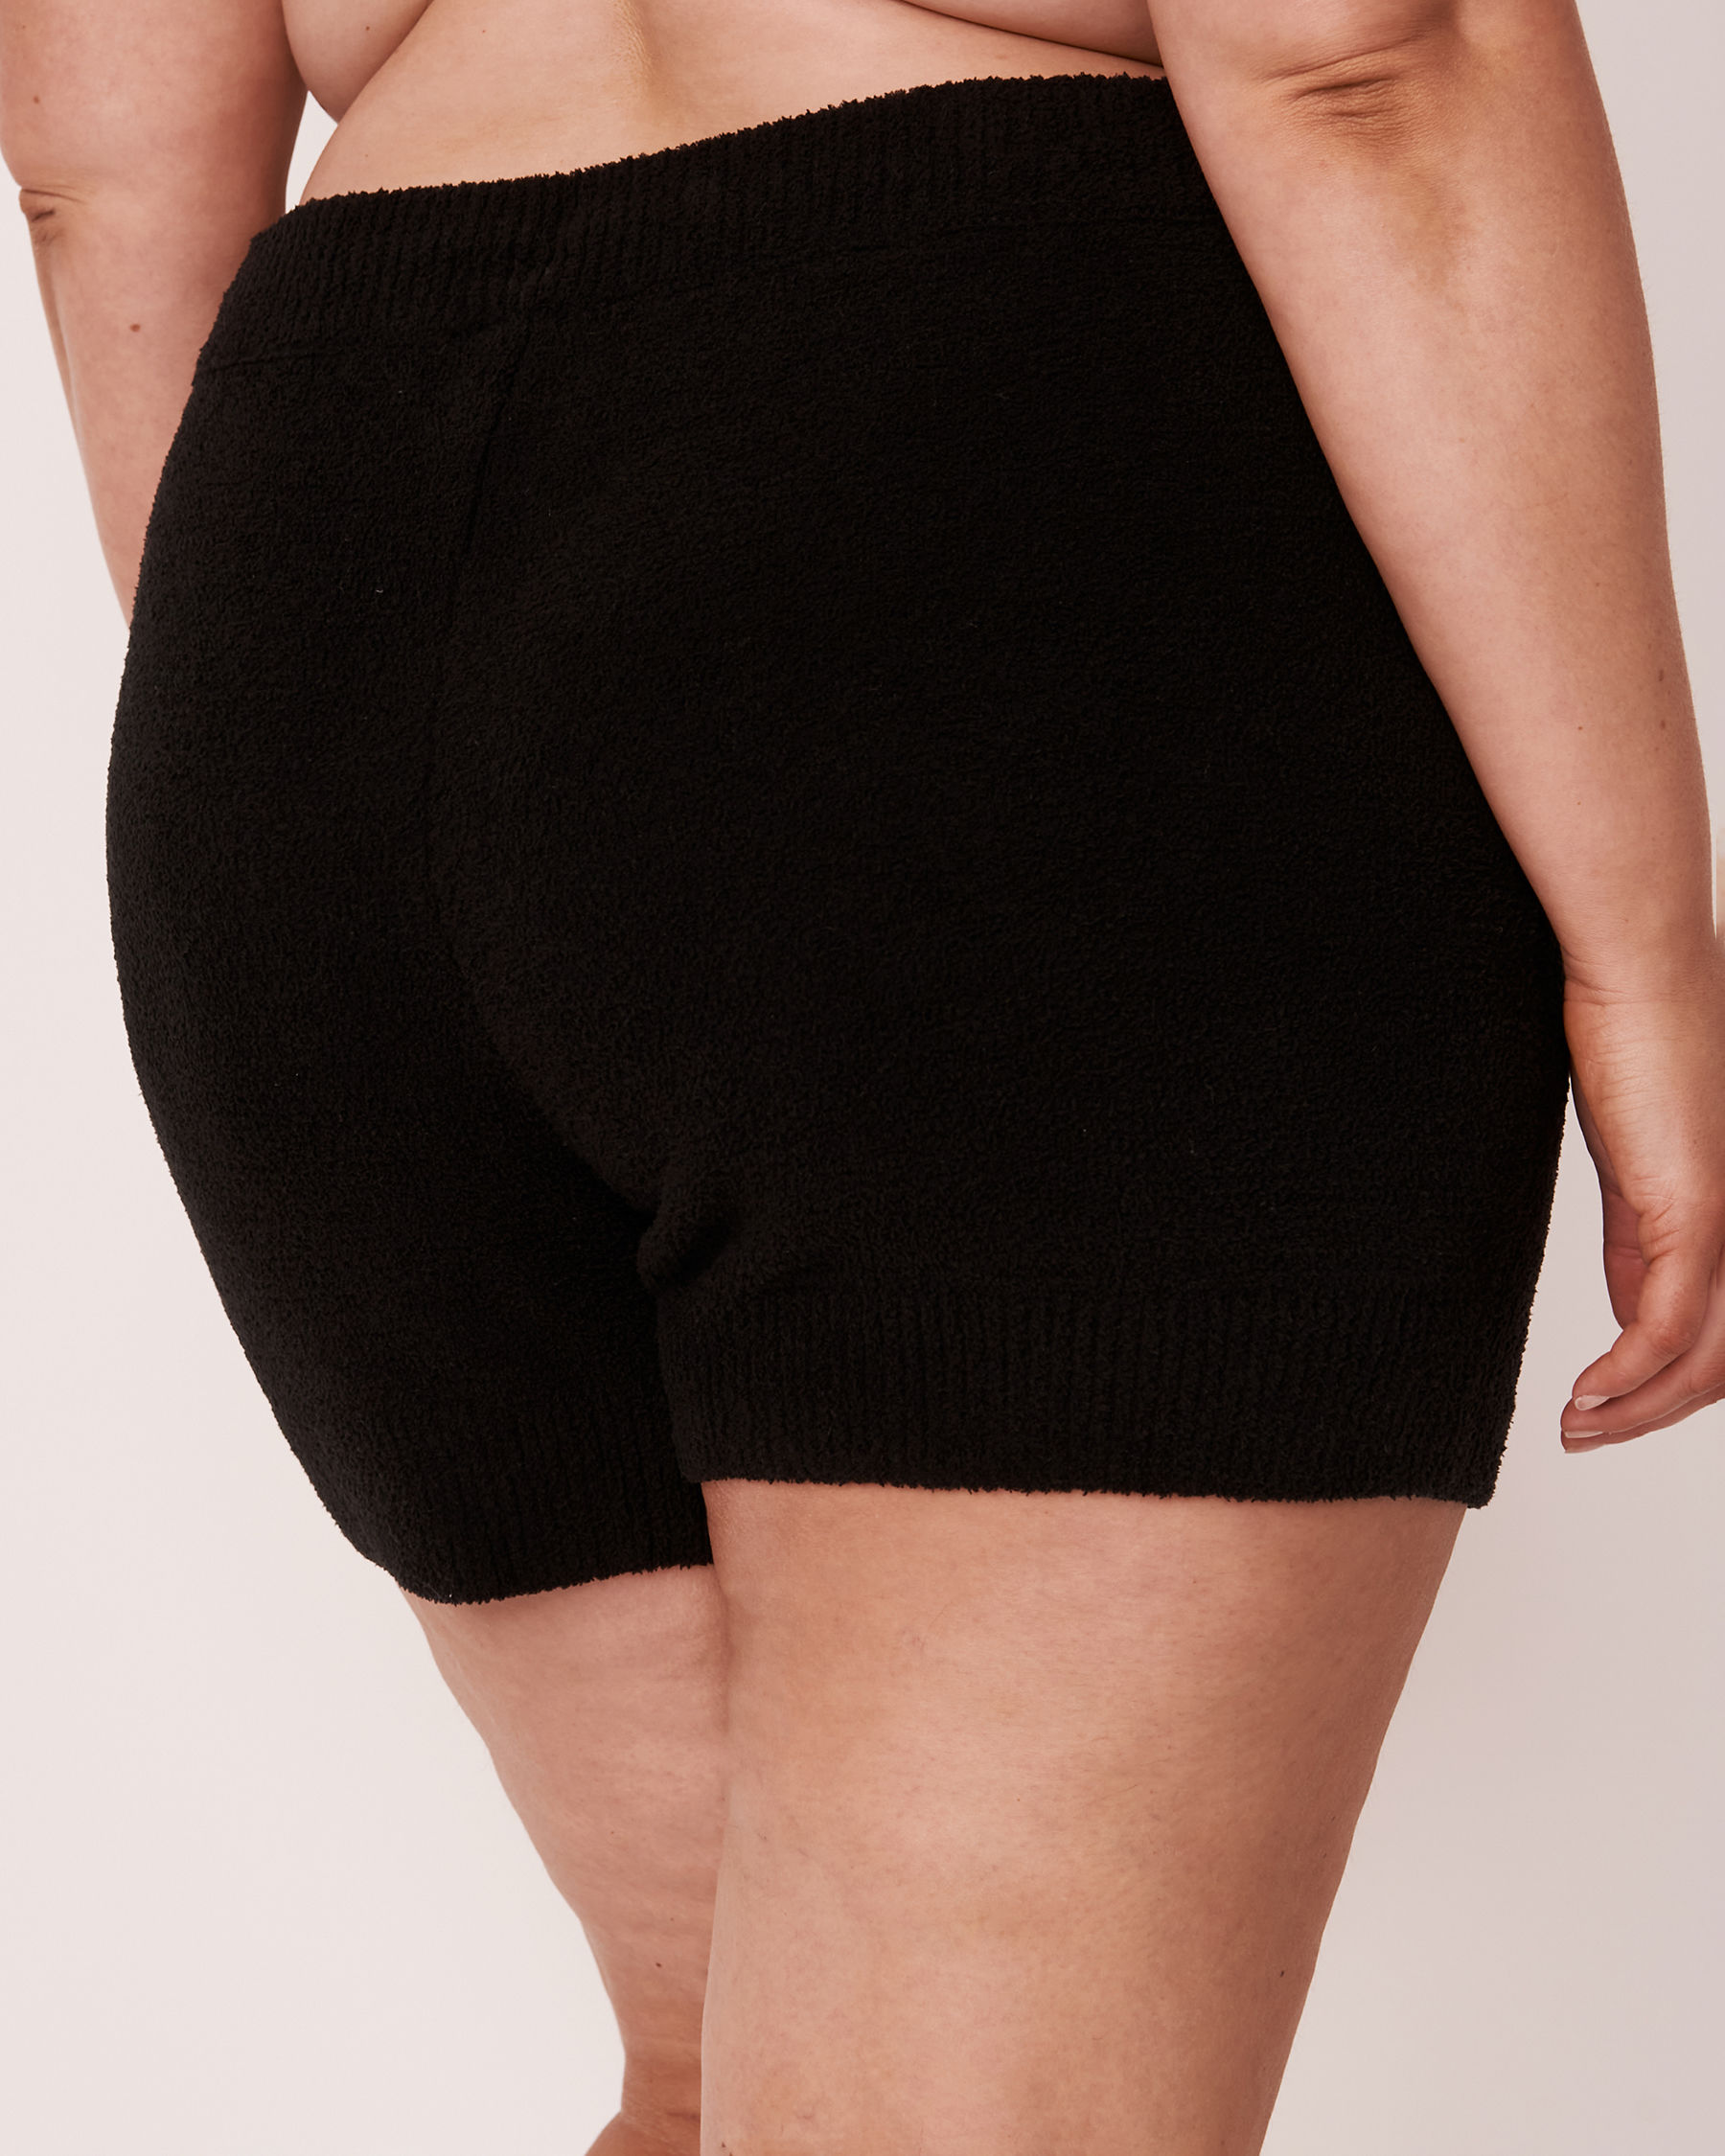 LA VIE EN ROSE Chenille Shorts Black 50200016 - View2